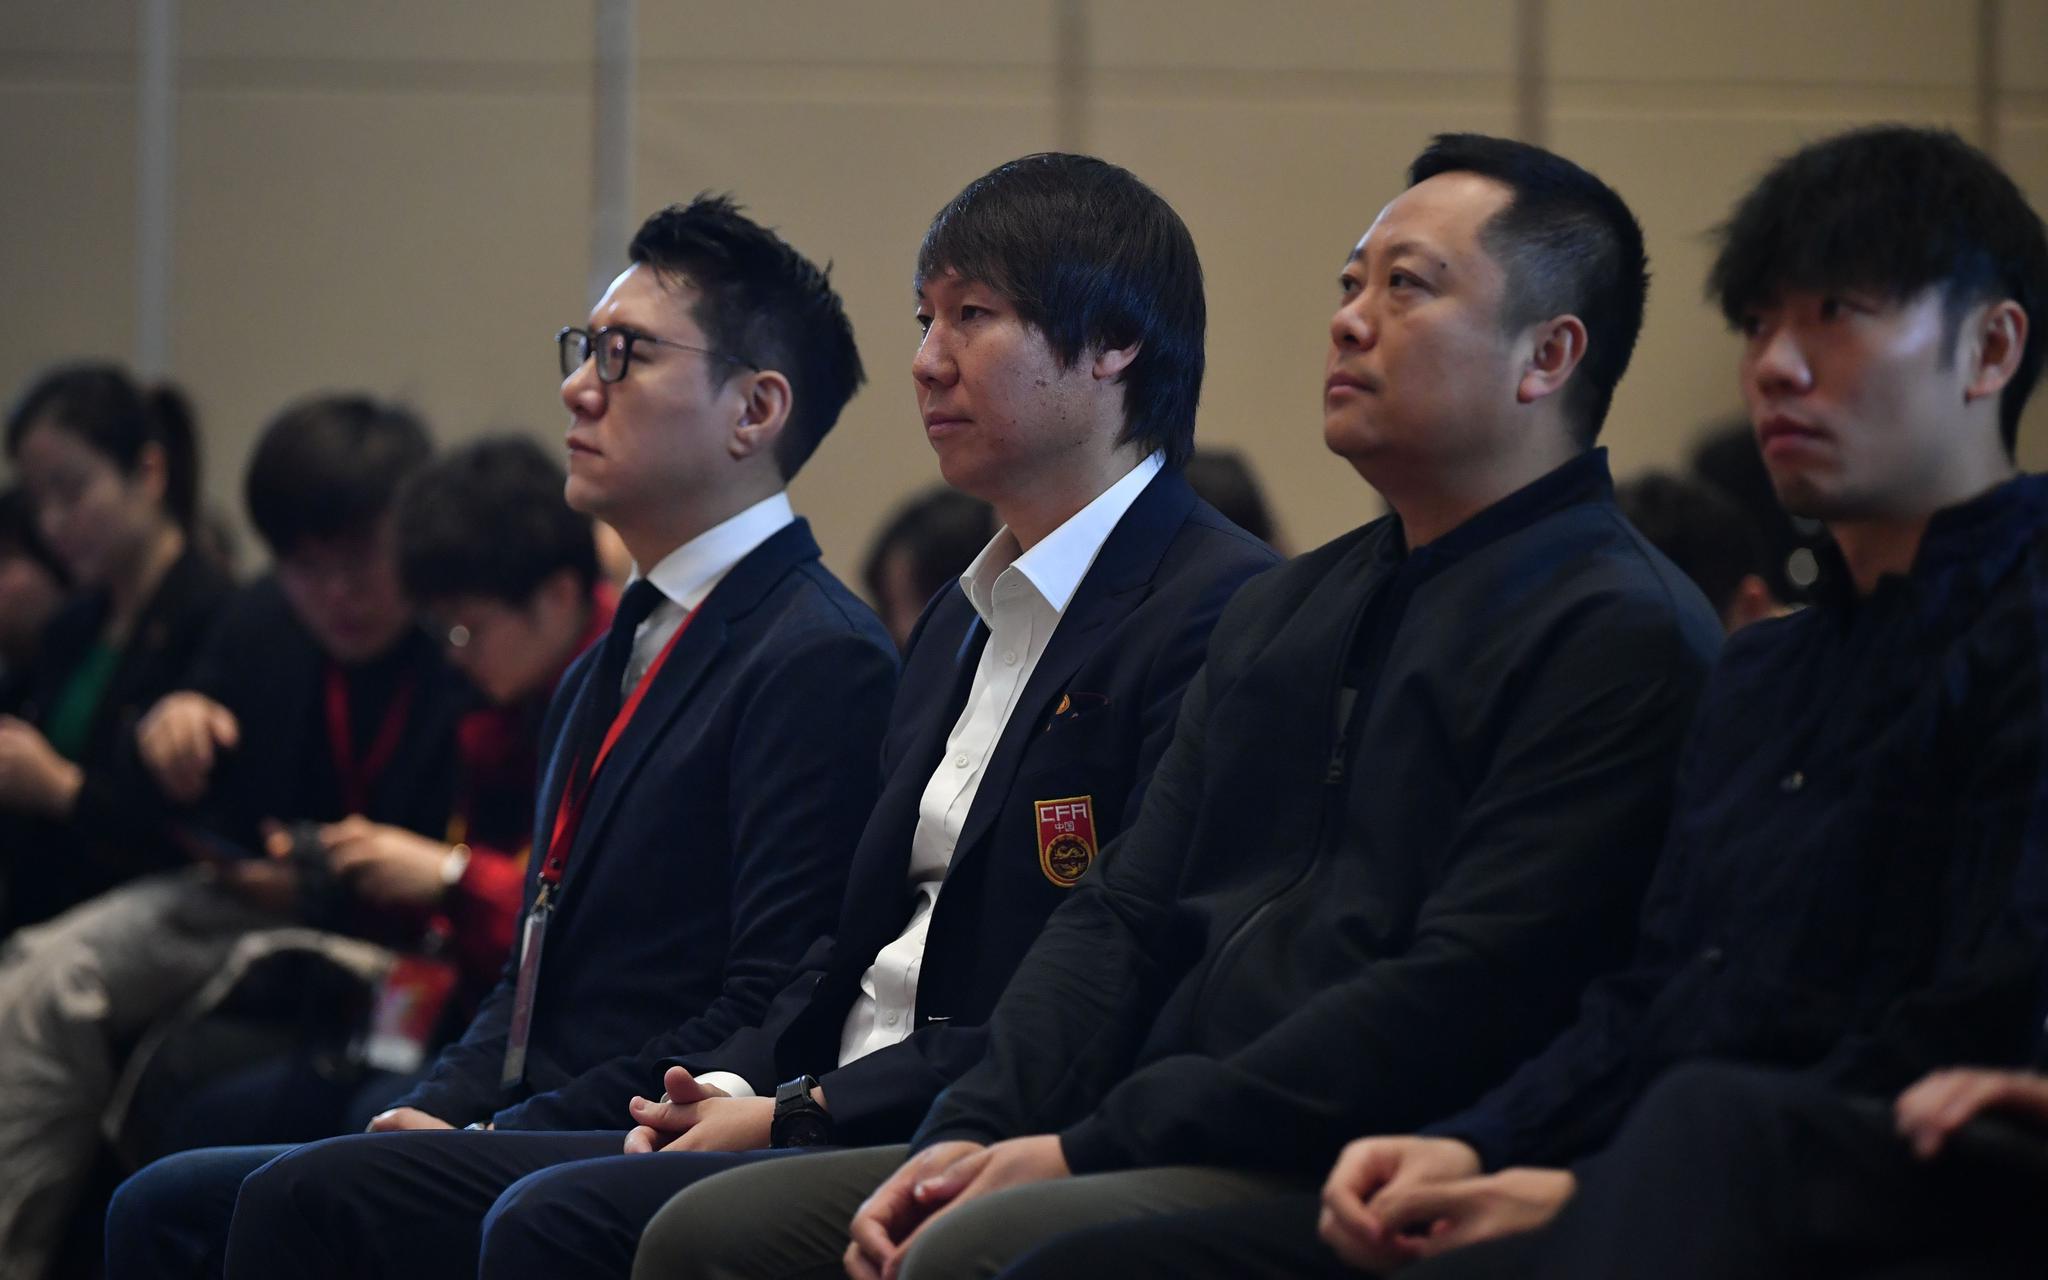 新帅李铁:对足球教练来说最重要的还是你是否行图片